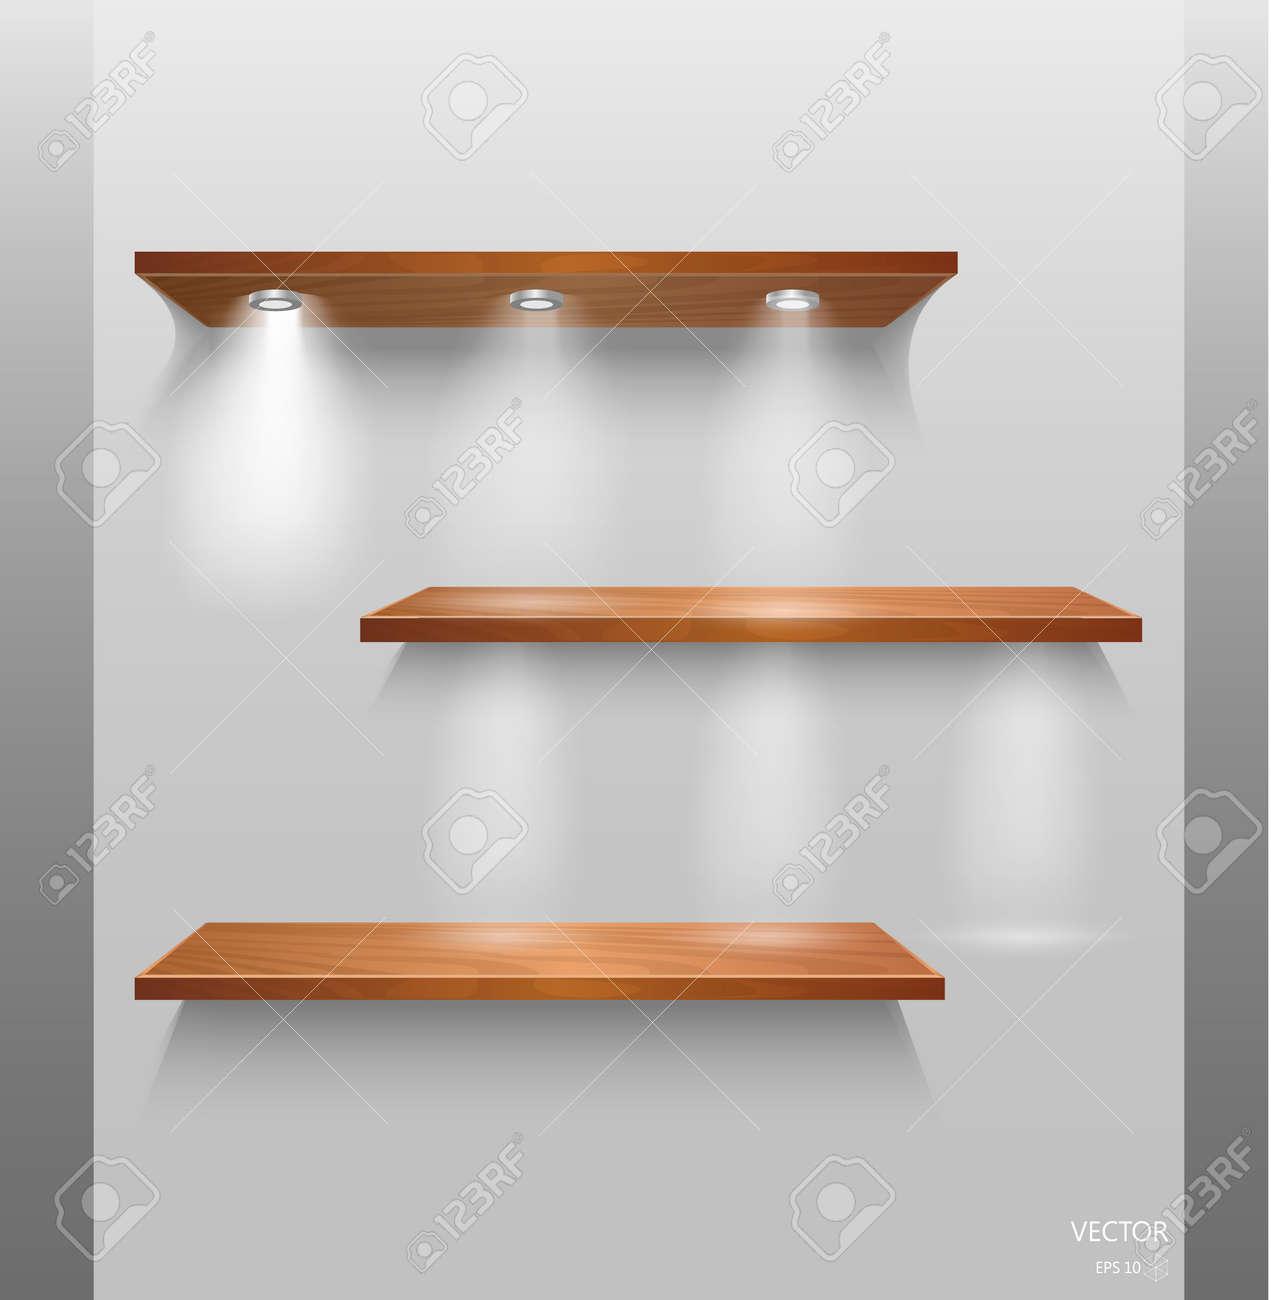 Muur Van Houten Planken.Vector Lege Houten Planken Geisoleerd Op Muur Achtergrond Royalty